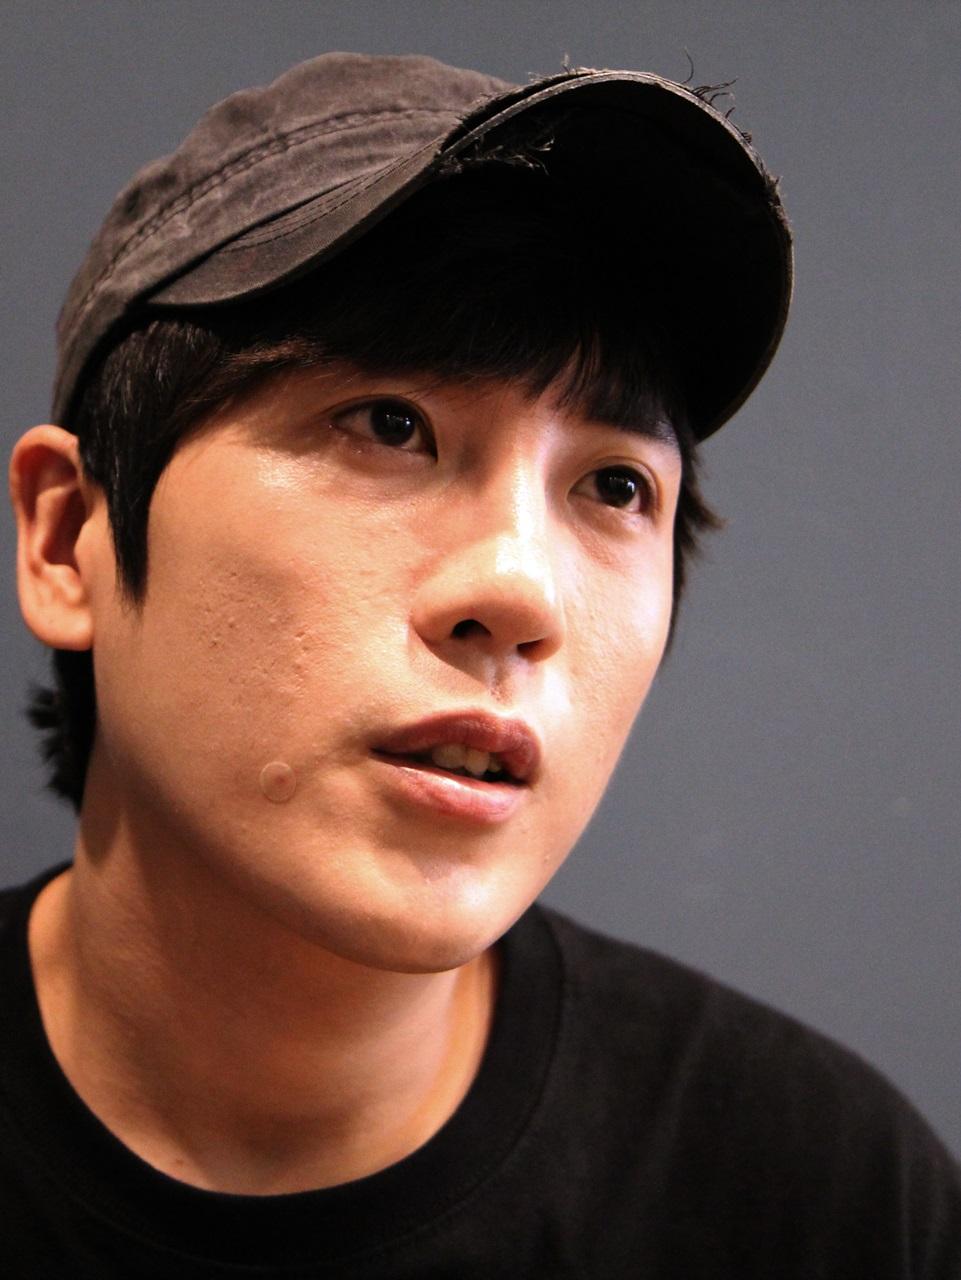 소년원 출신임을 당당히 밝힌 배우 조우혁.